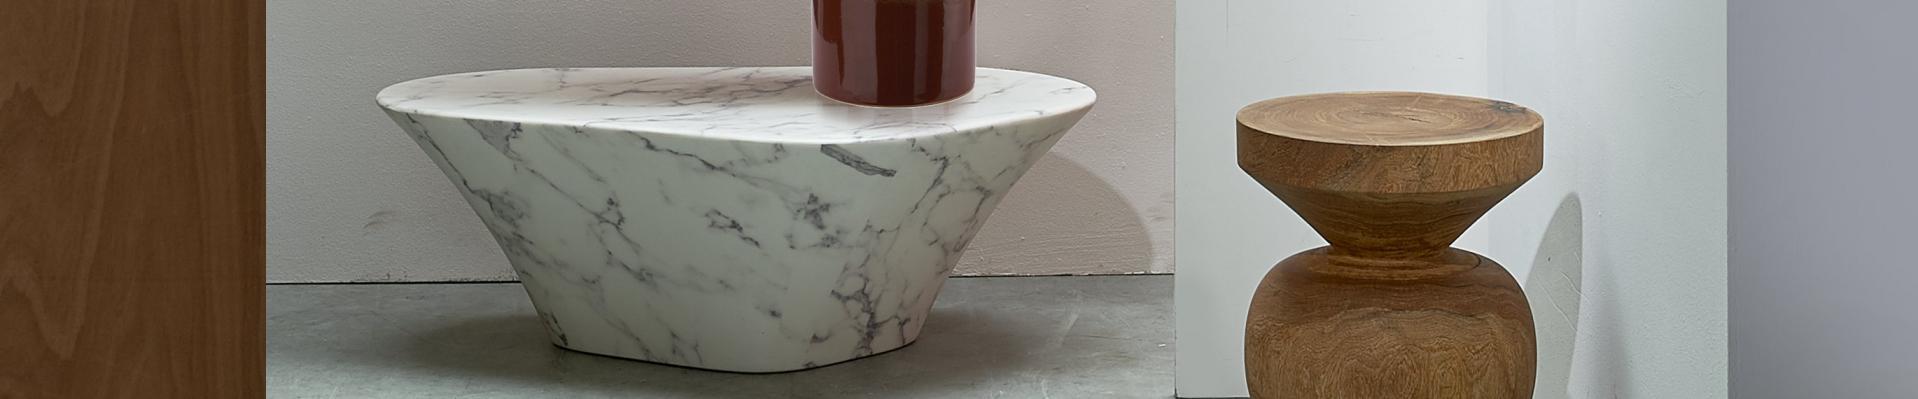 pols potten Marble Look